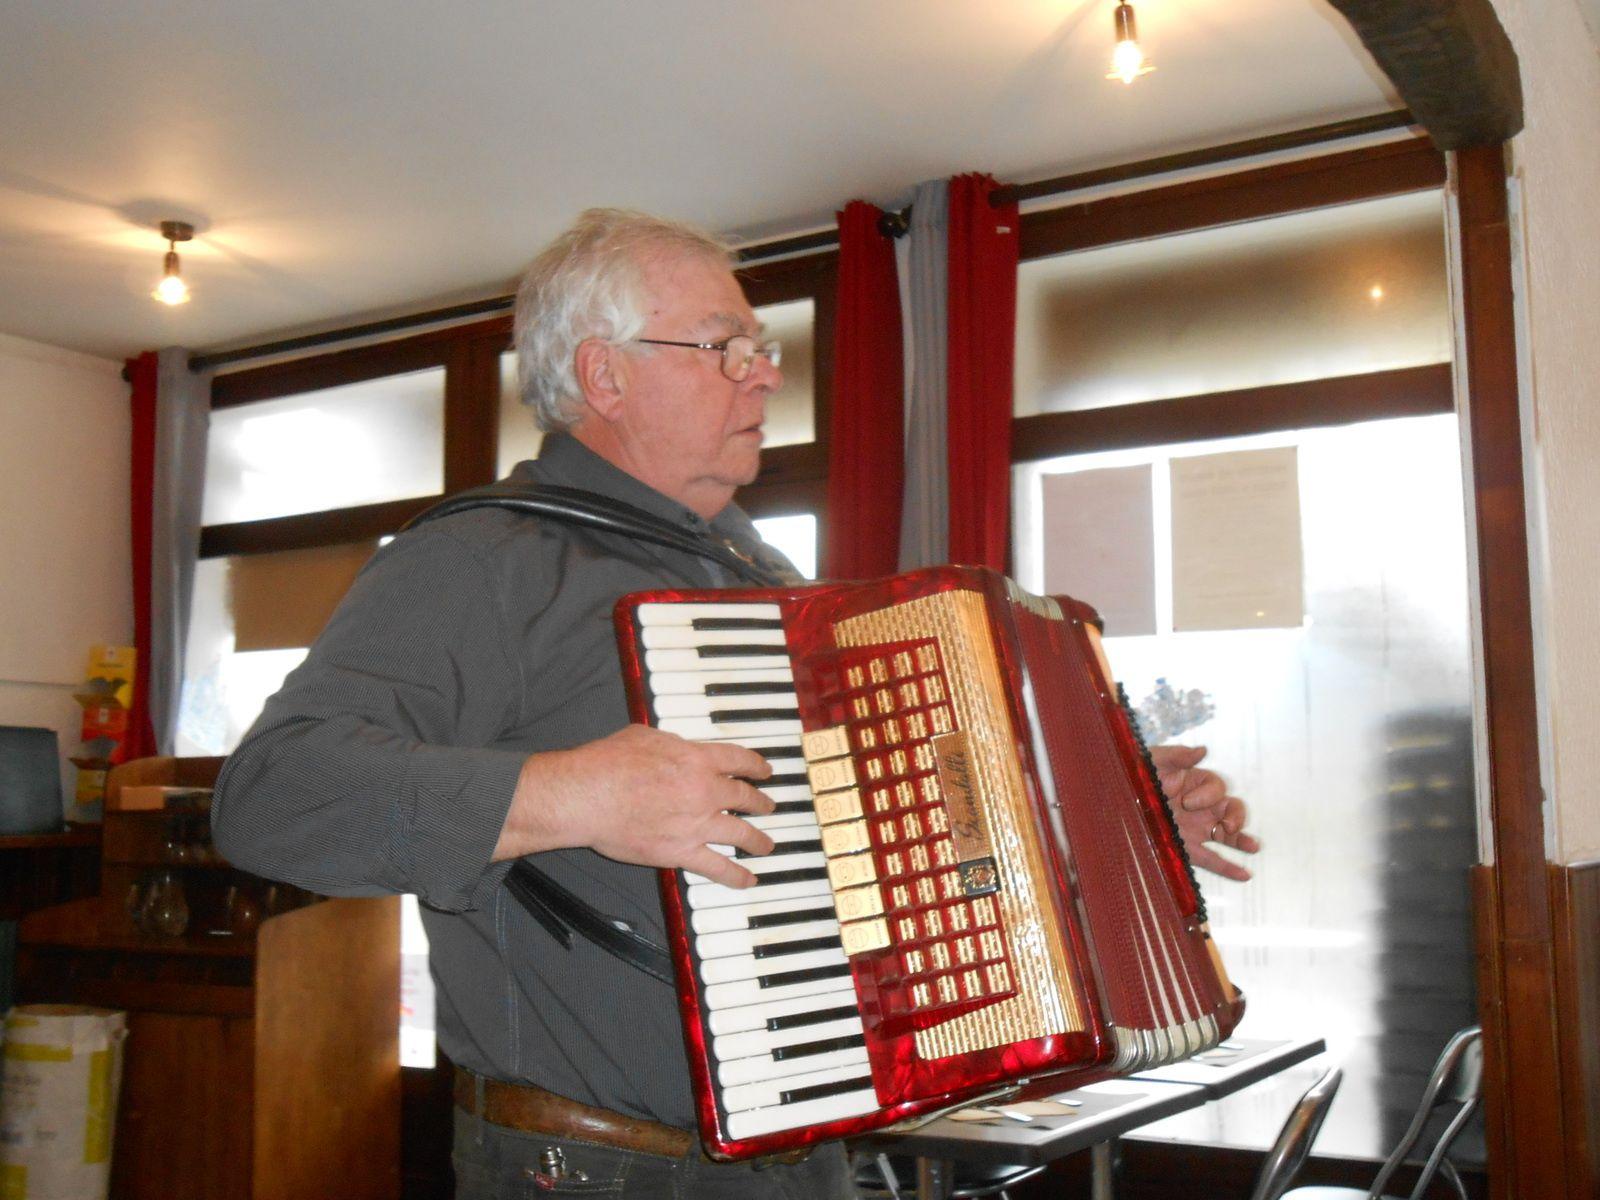 Mimi à l'accordéon et la chorale